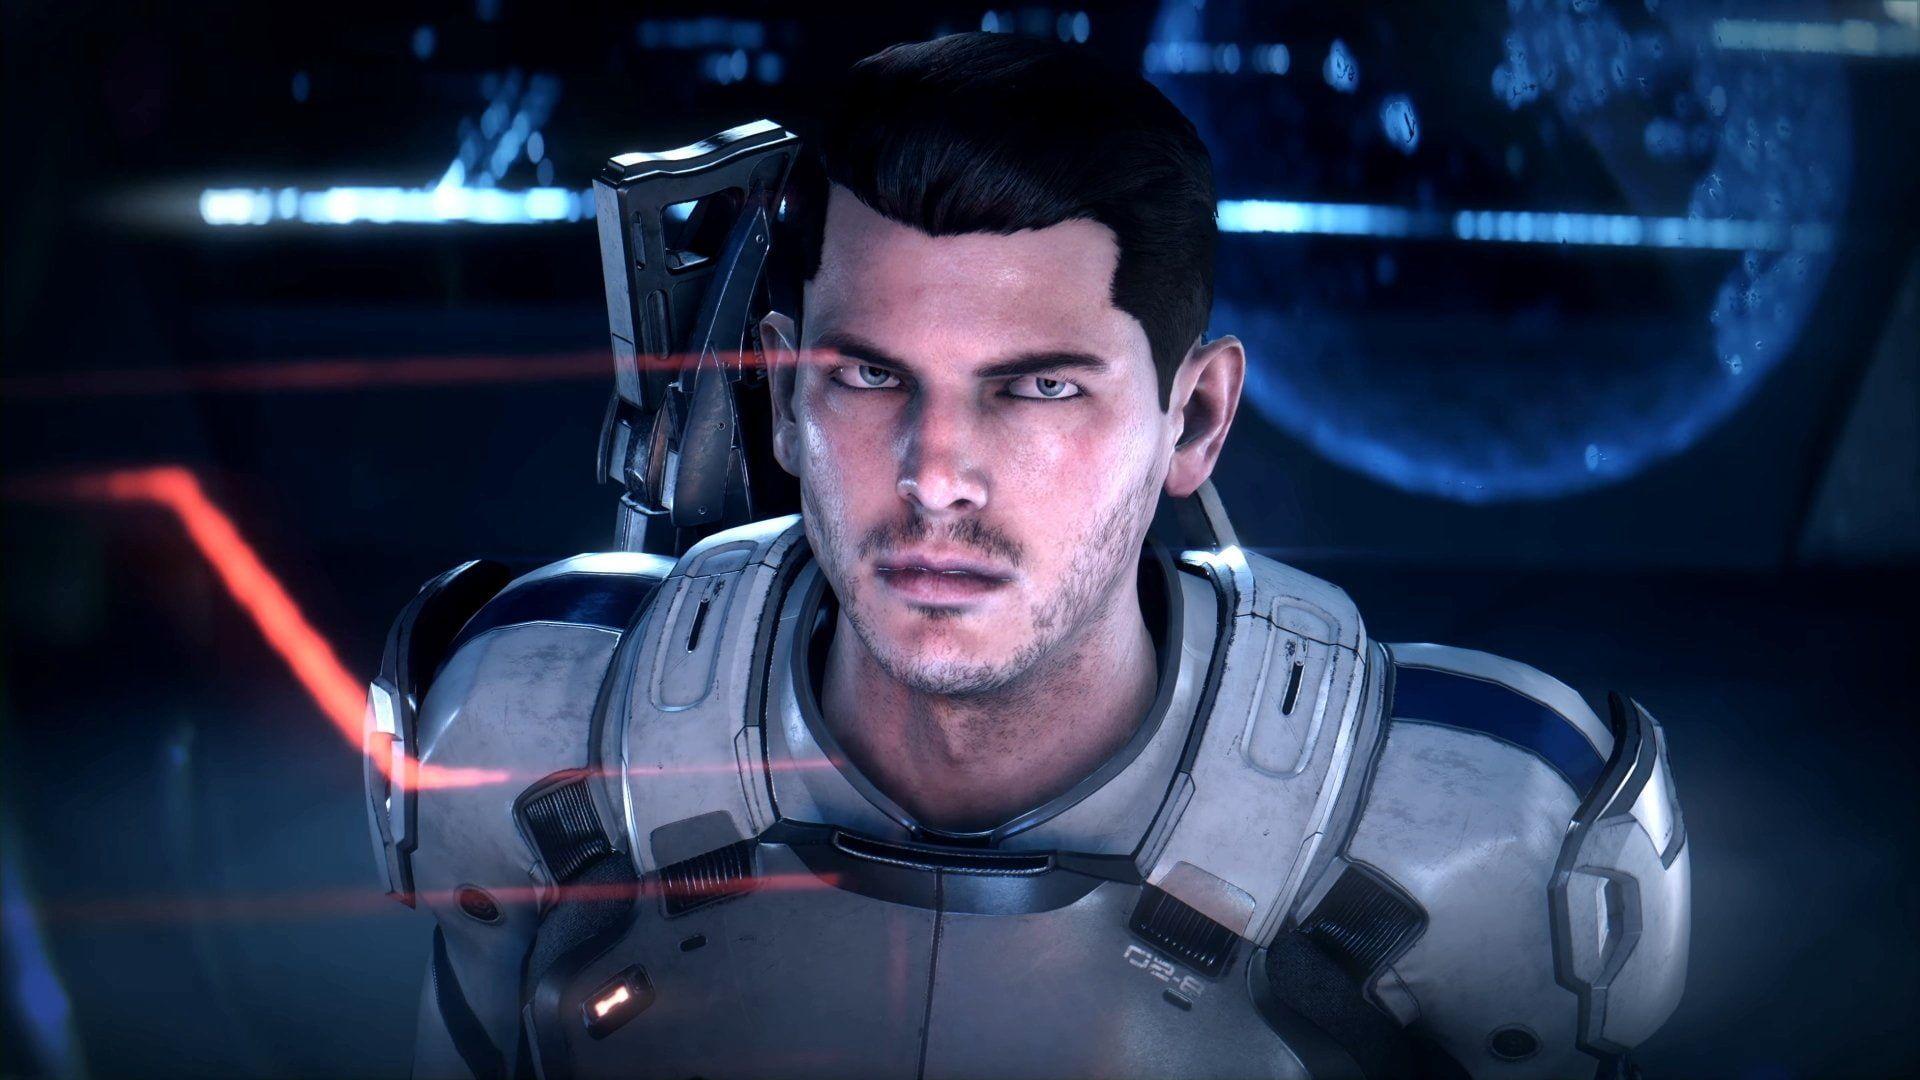 Mass Effect Mass Effect Andromeda Scott Ryder 1080p Wallpaper Hdwallpaper Desktop Unterwegs Like4like